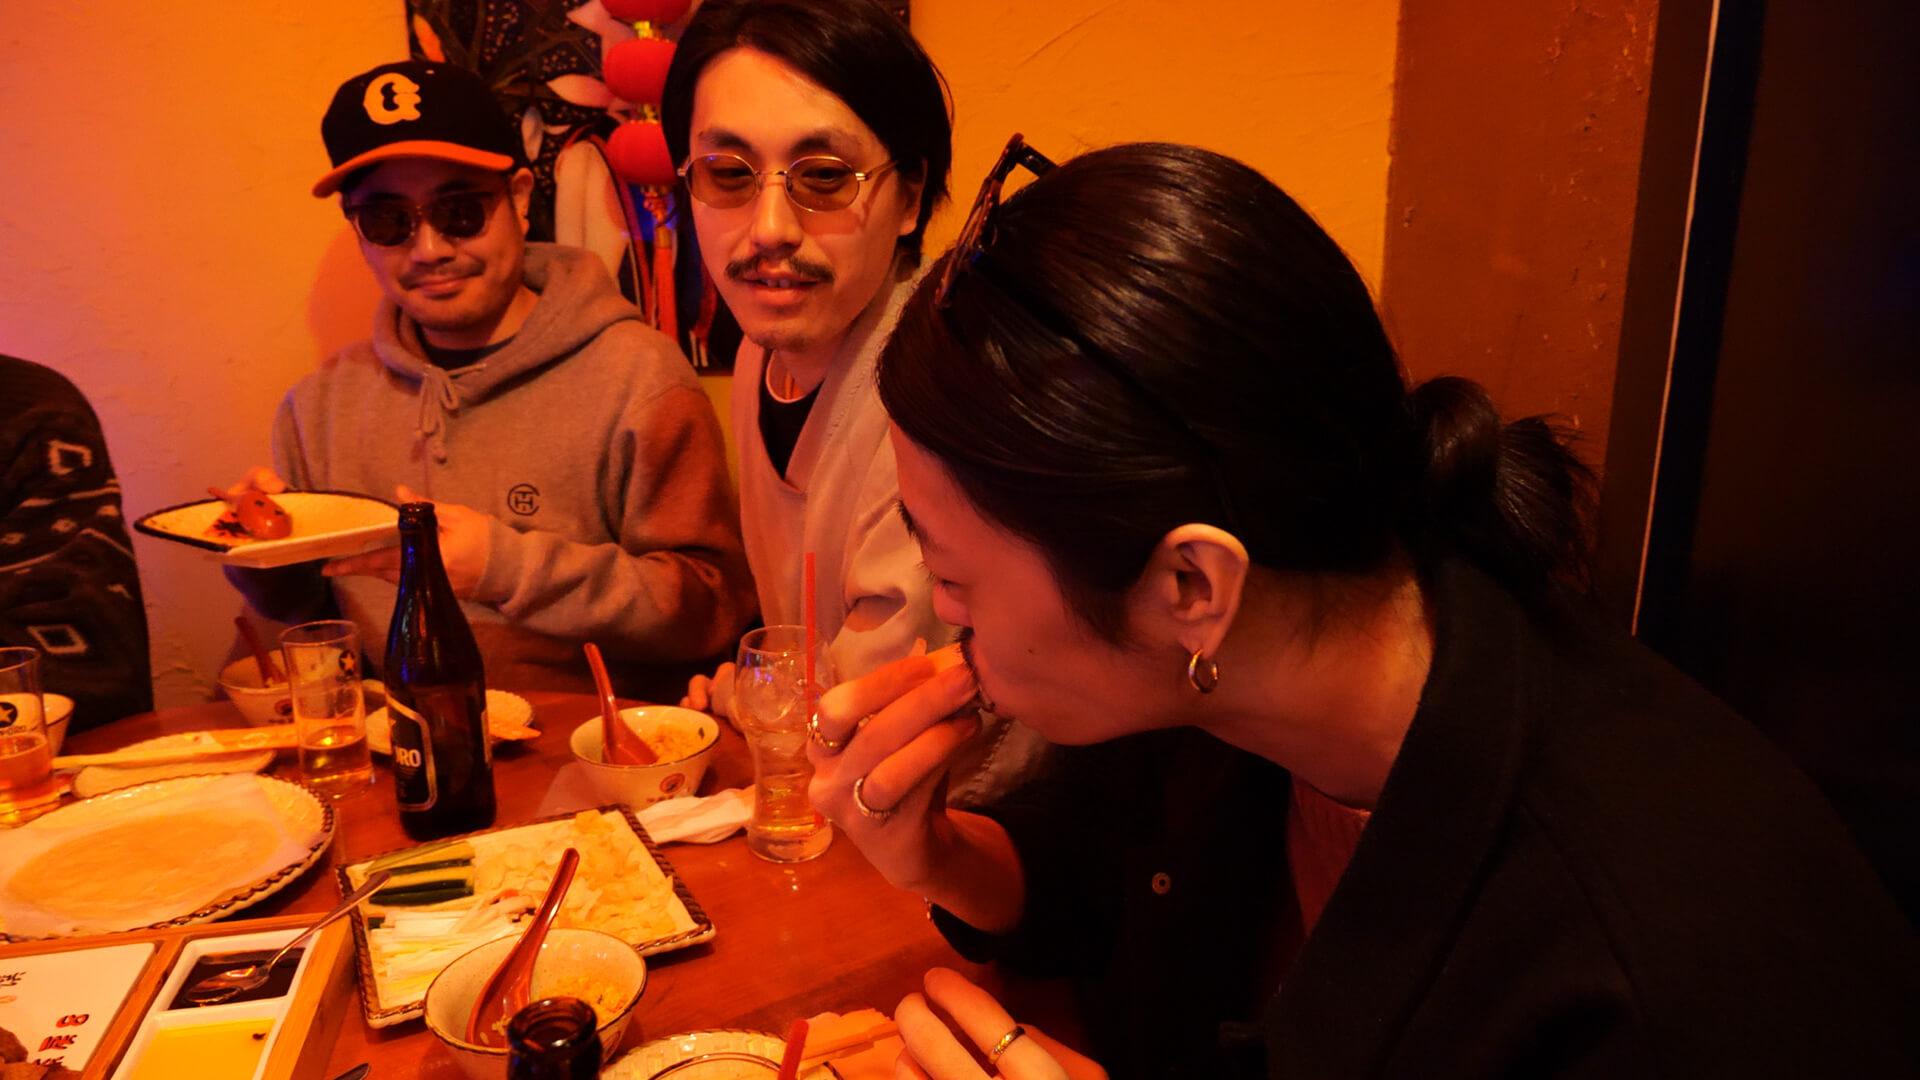 フッドめし - HoodFood #07 TOKYO HEALTH CLUB × Kick a Show video200321_hoodfood7_3